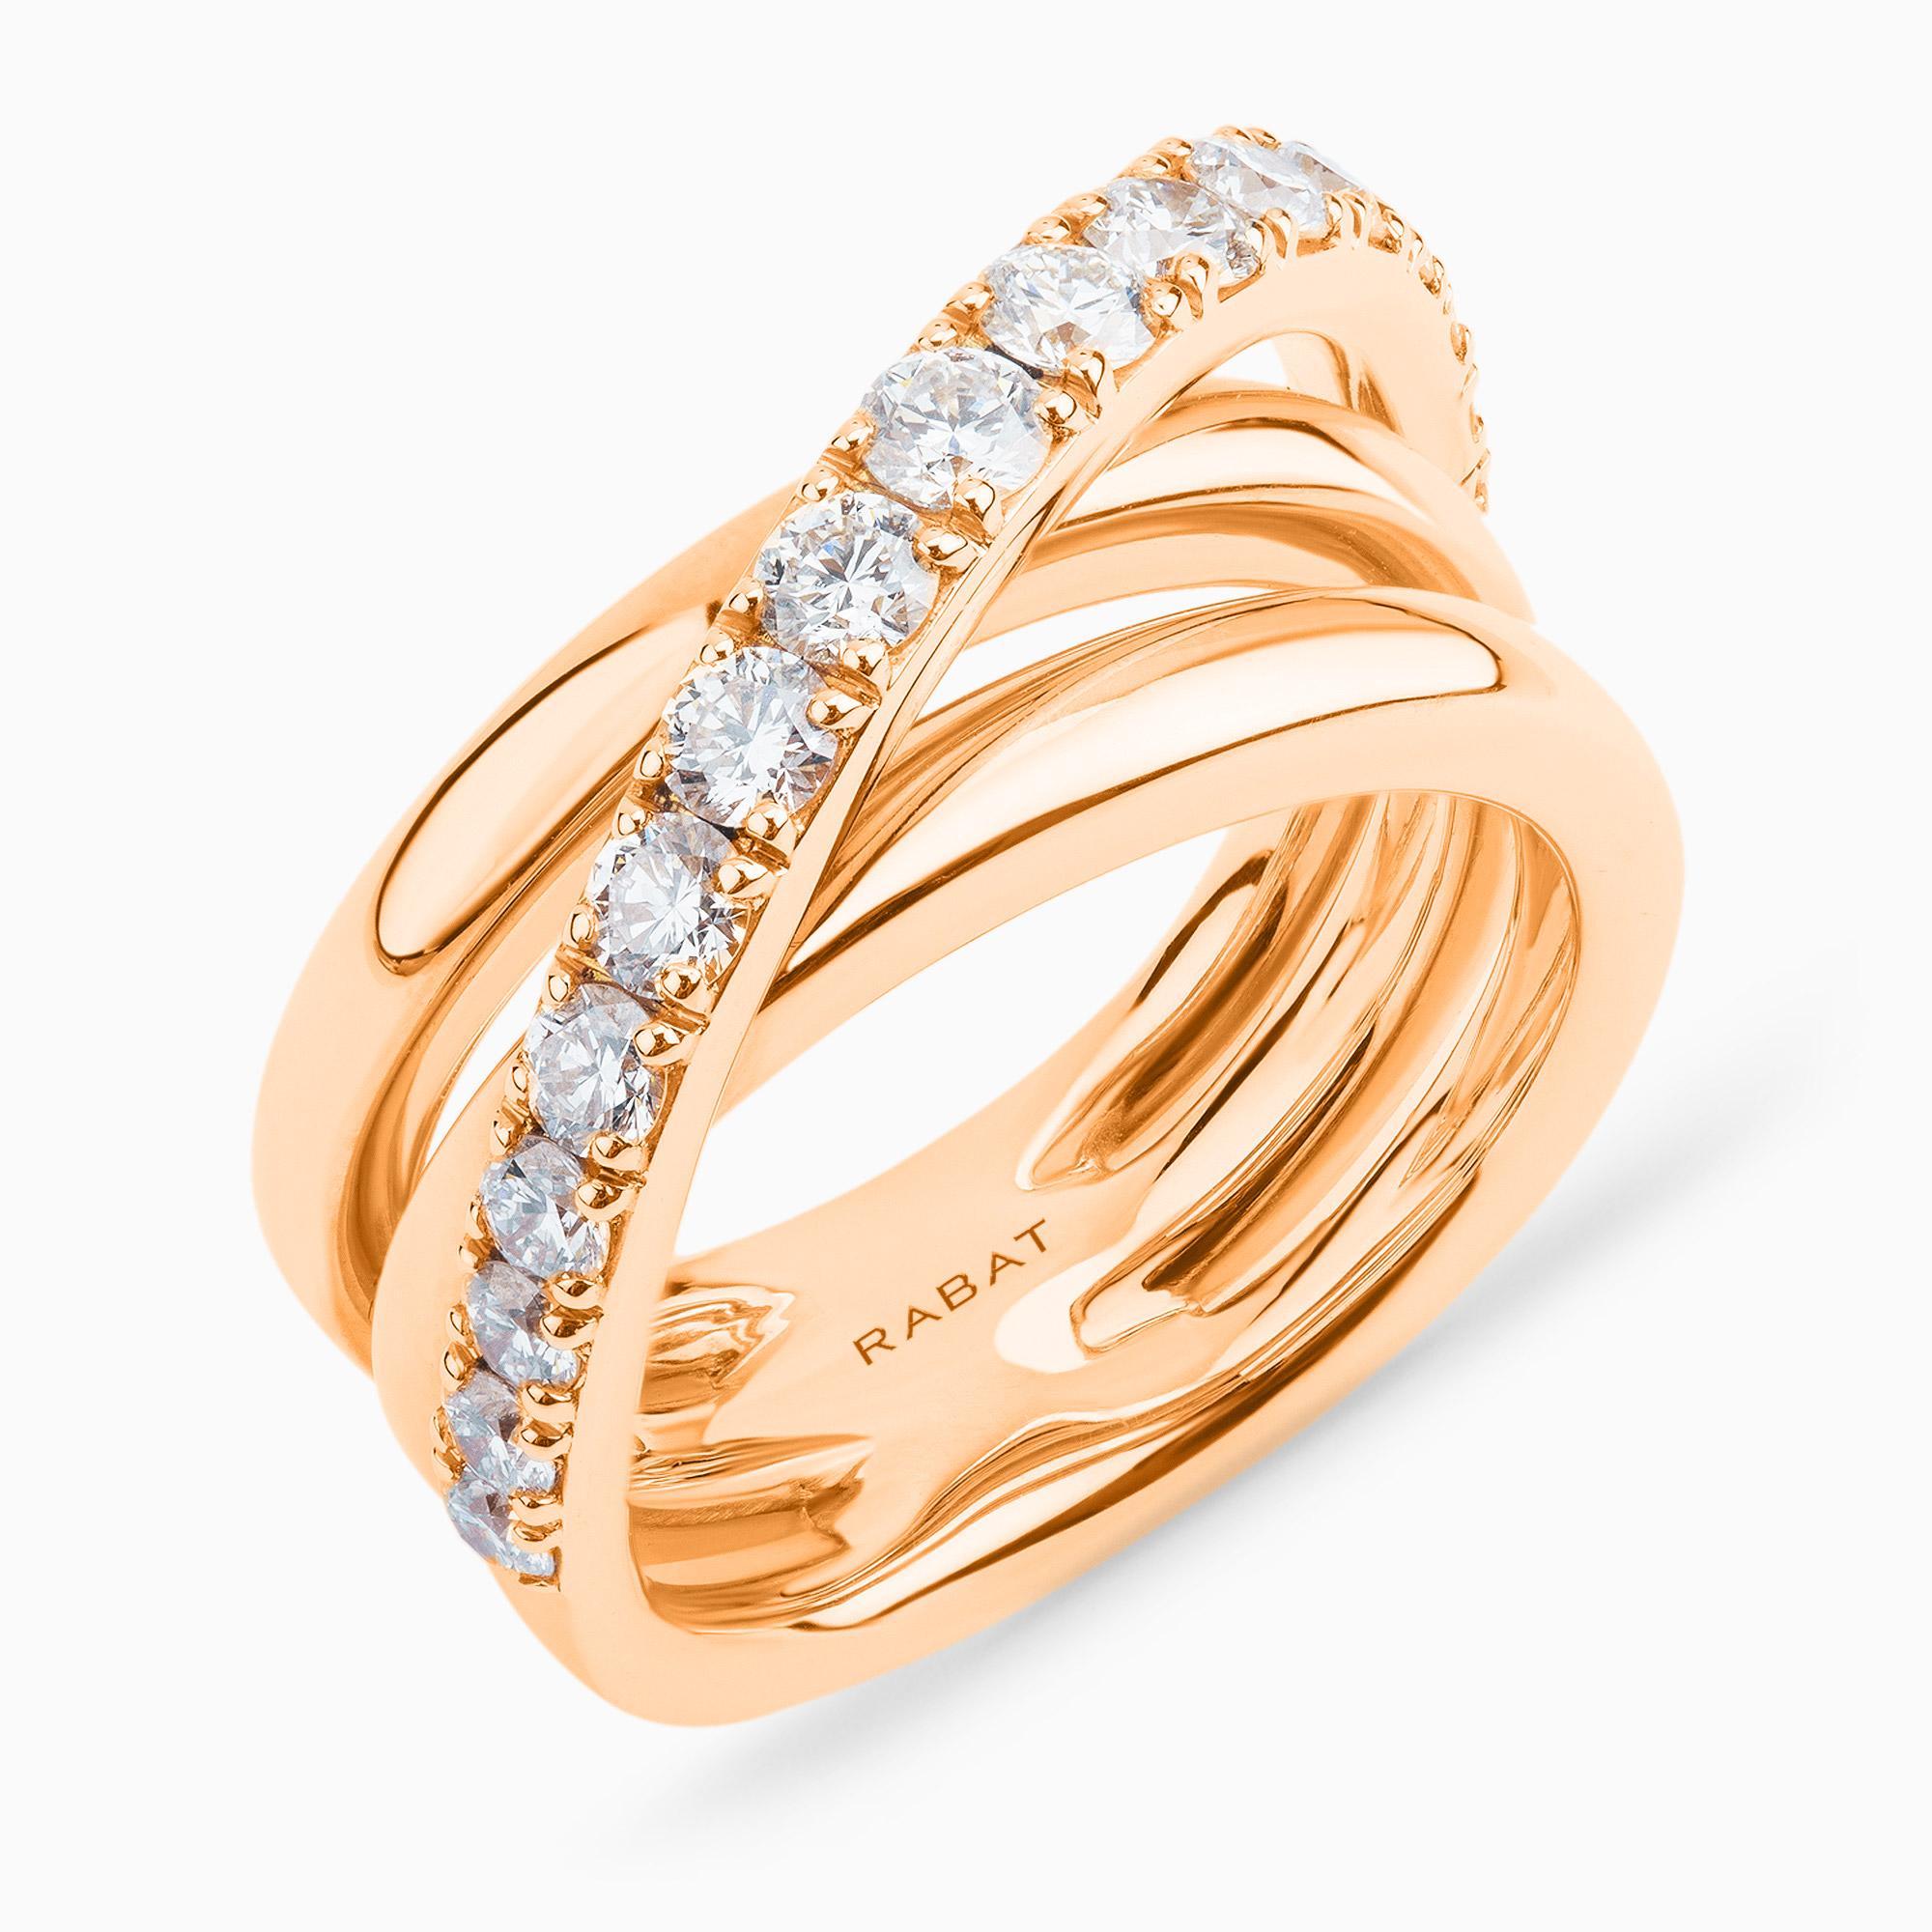 Anillo RABAT de oro rosa con una fila cruzada de diamantes